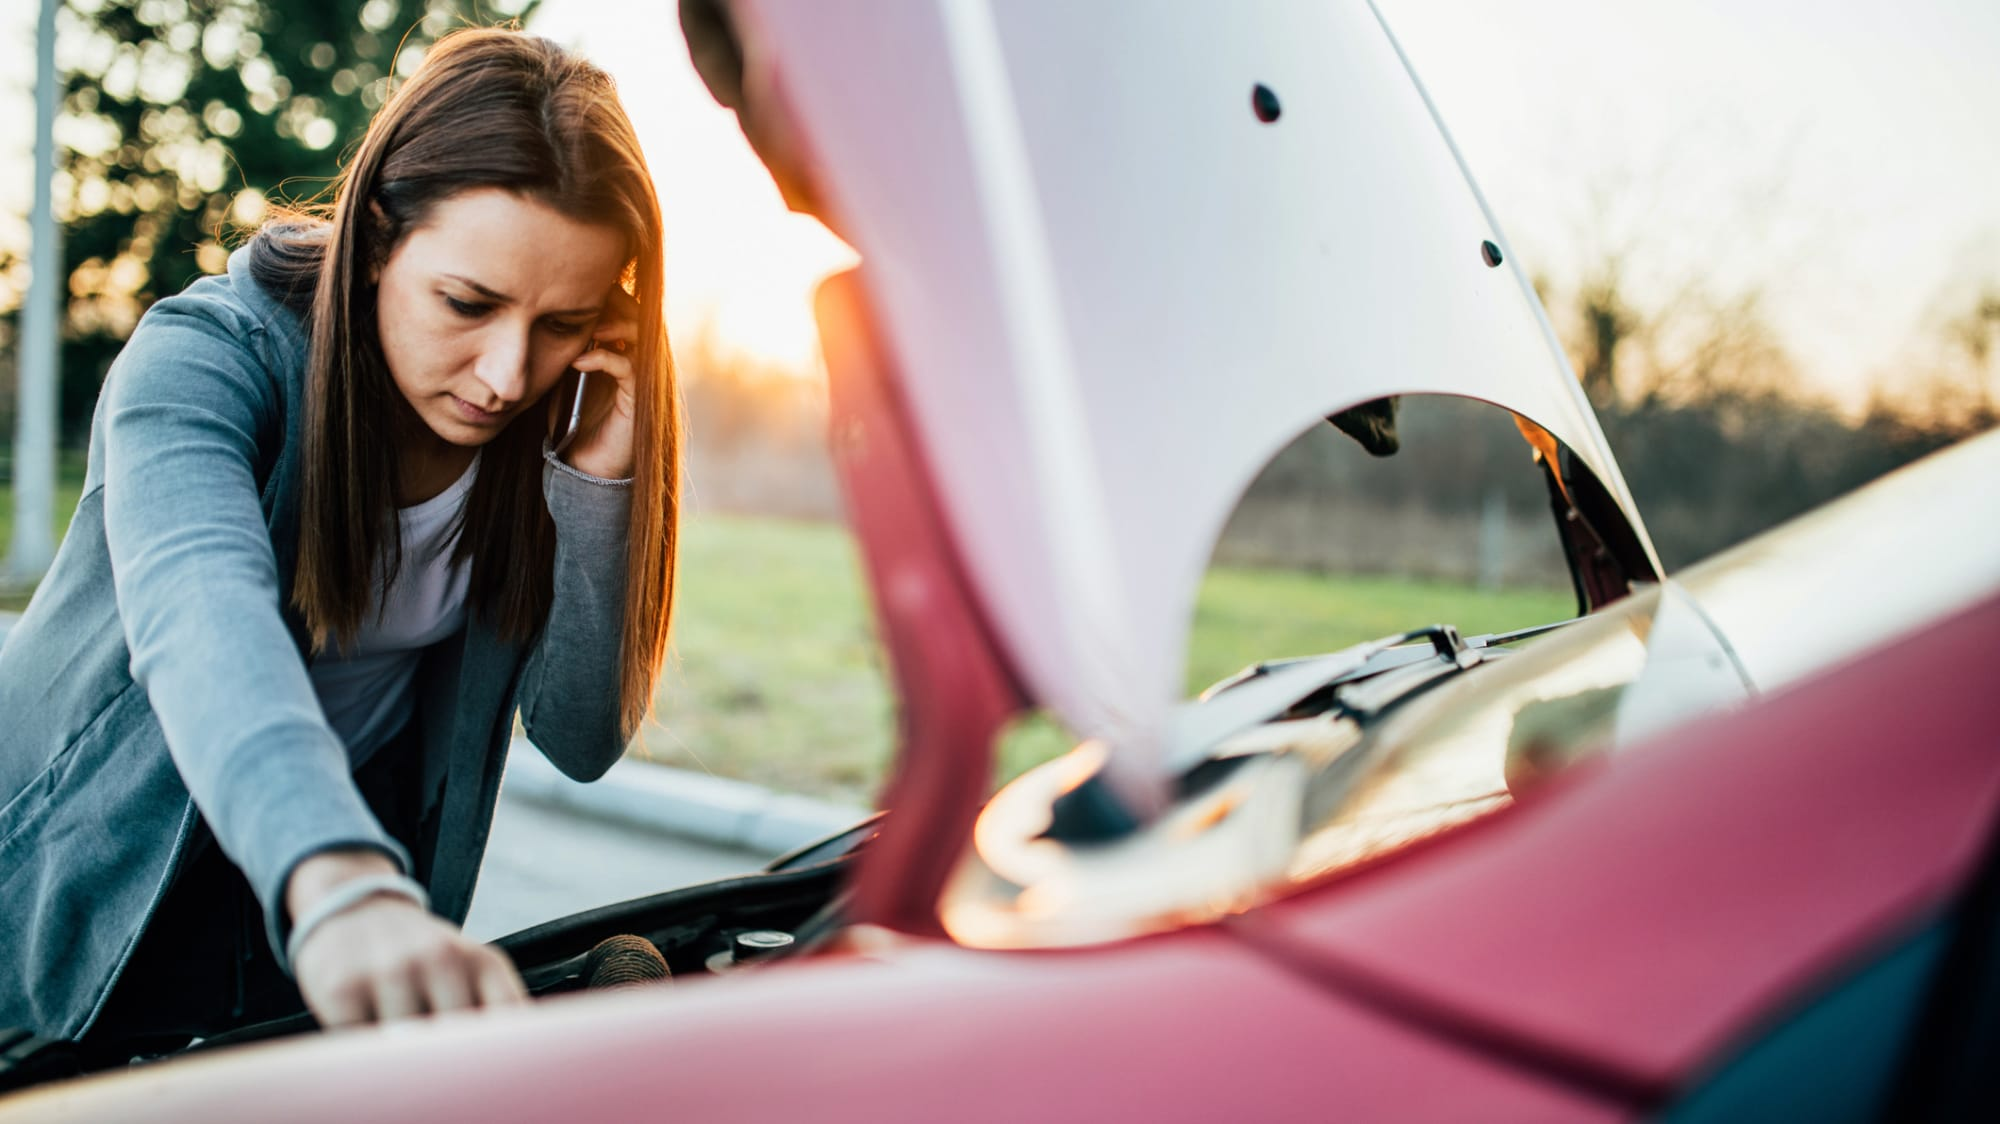 Junge Frau telefoniert beim Blick in die Motorhaube weil ihr Auto nicht anspringt